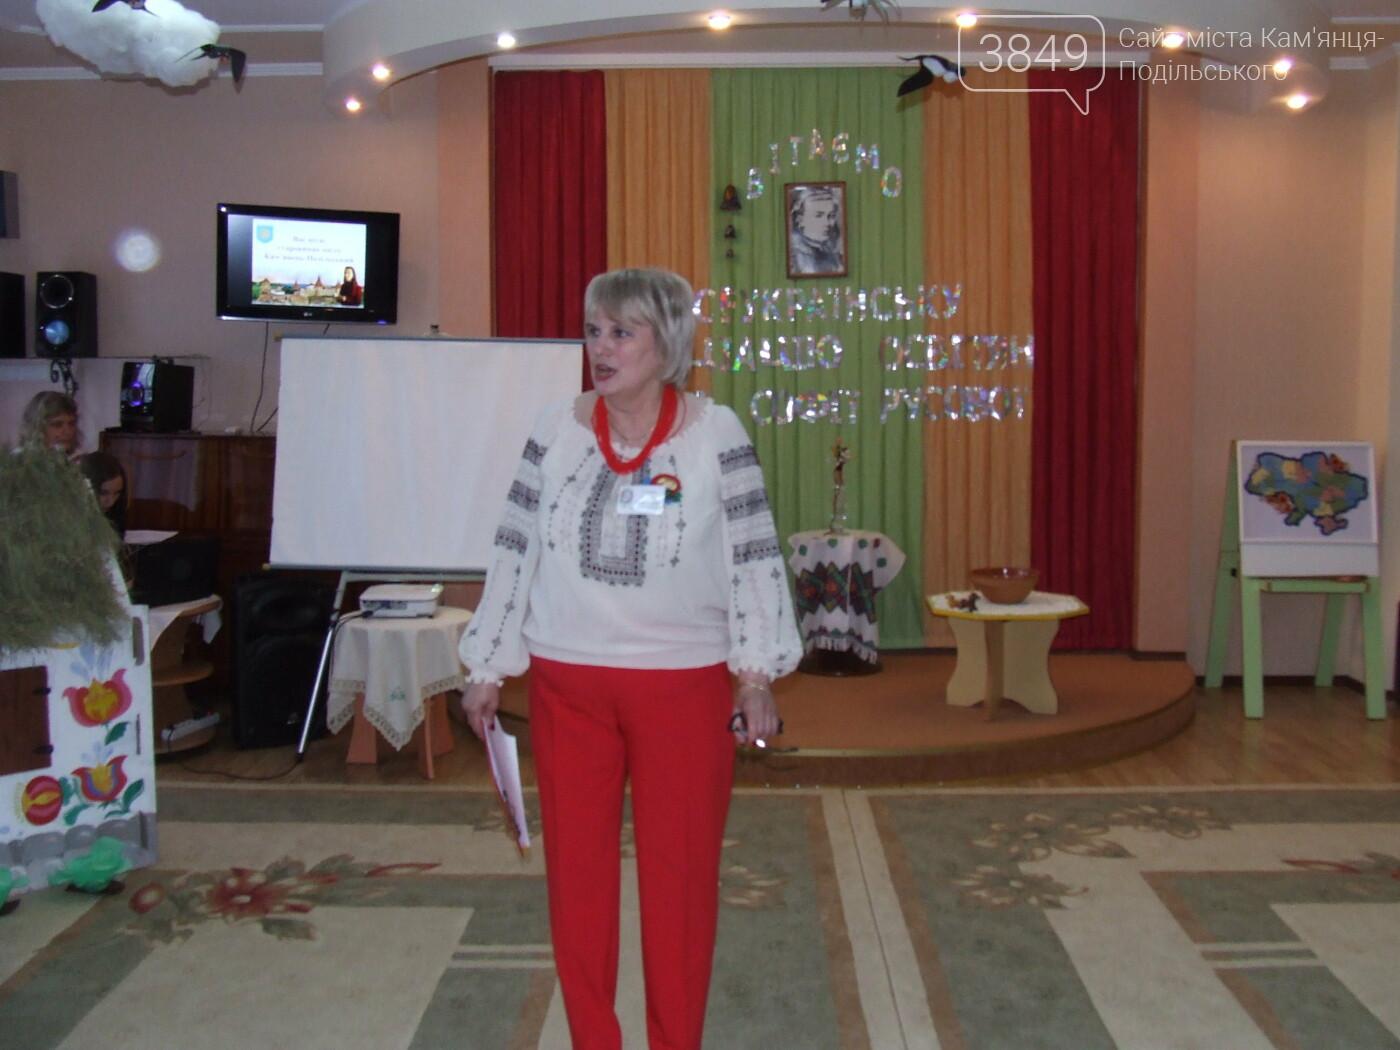 Кам'янецькі освітяни ділились досвідом щодо впровадження ідей Софії Русової, фото-2